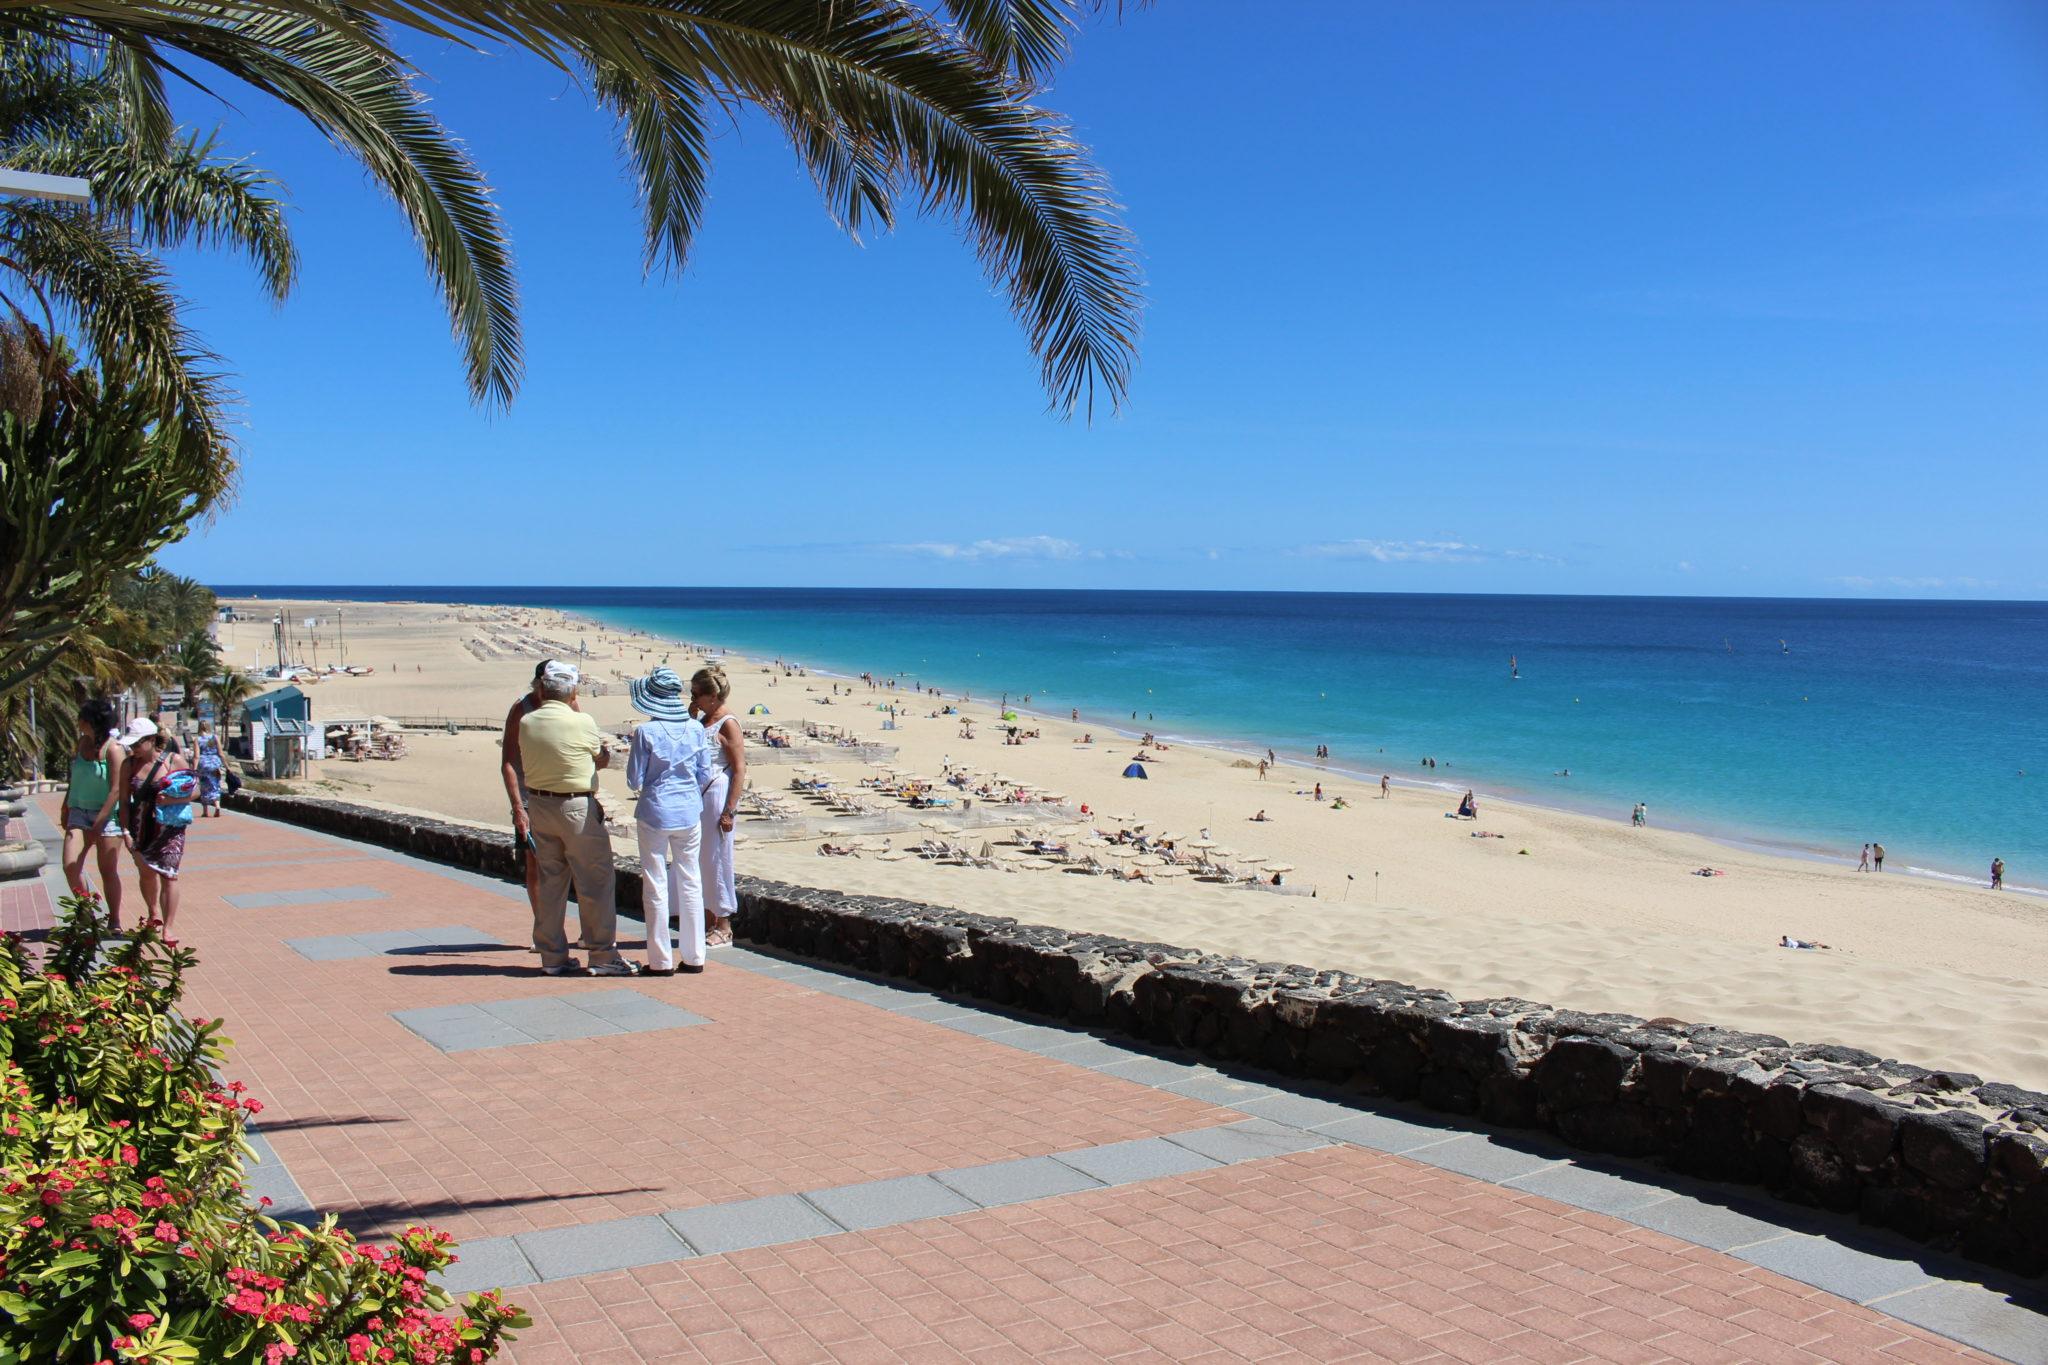 Grupka szykownych niemieckich emerytów spędza czas na promenadzie.